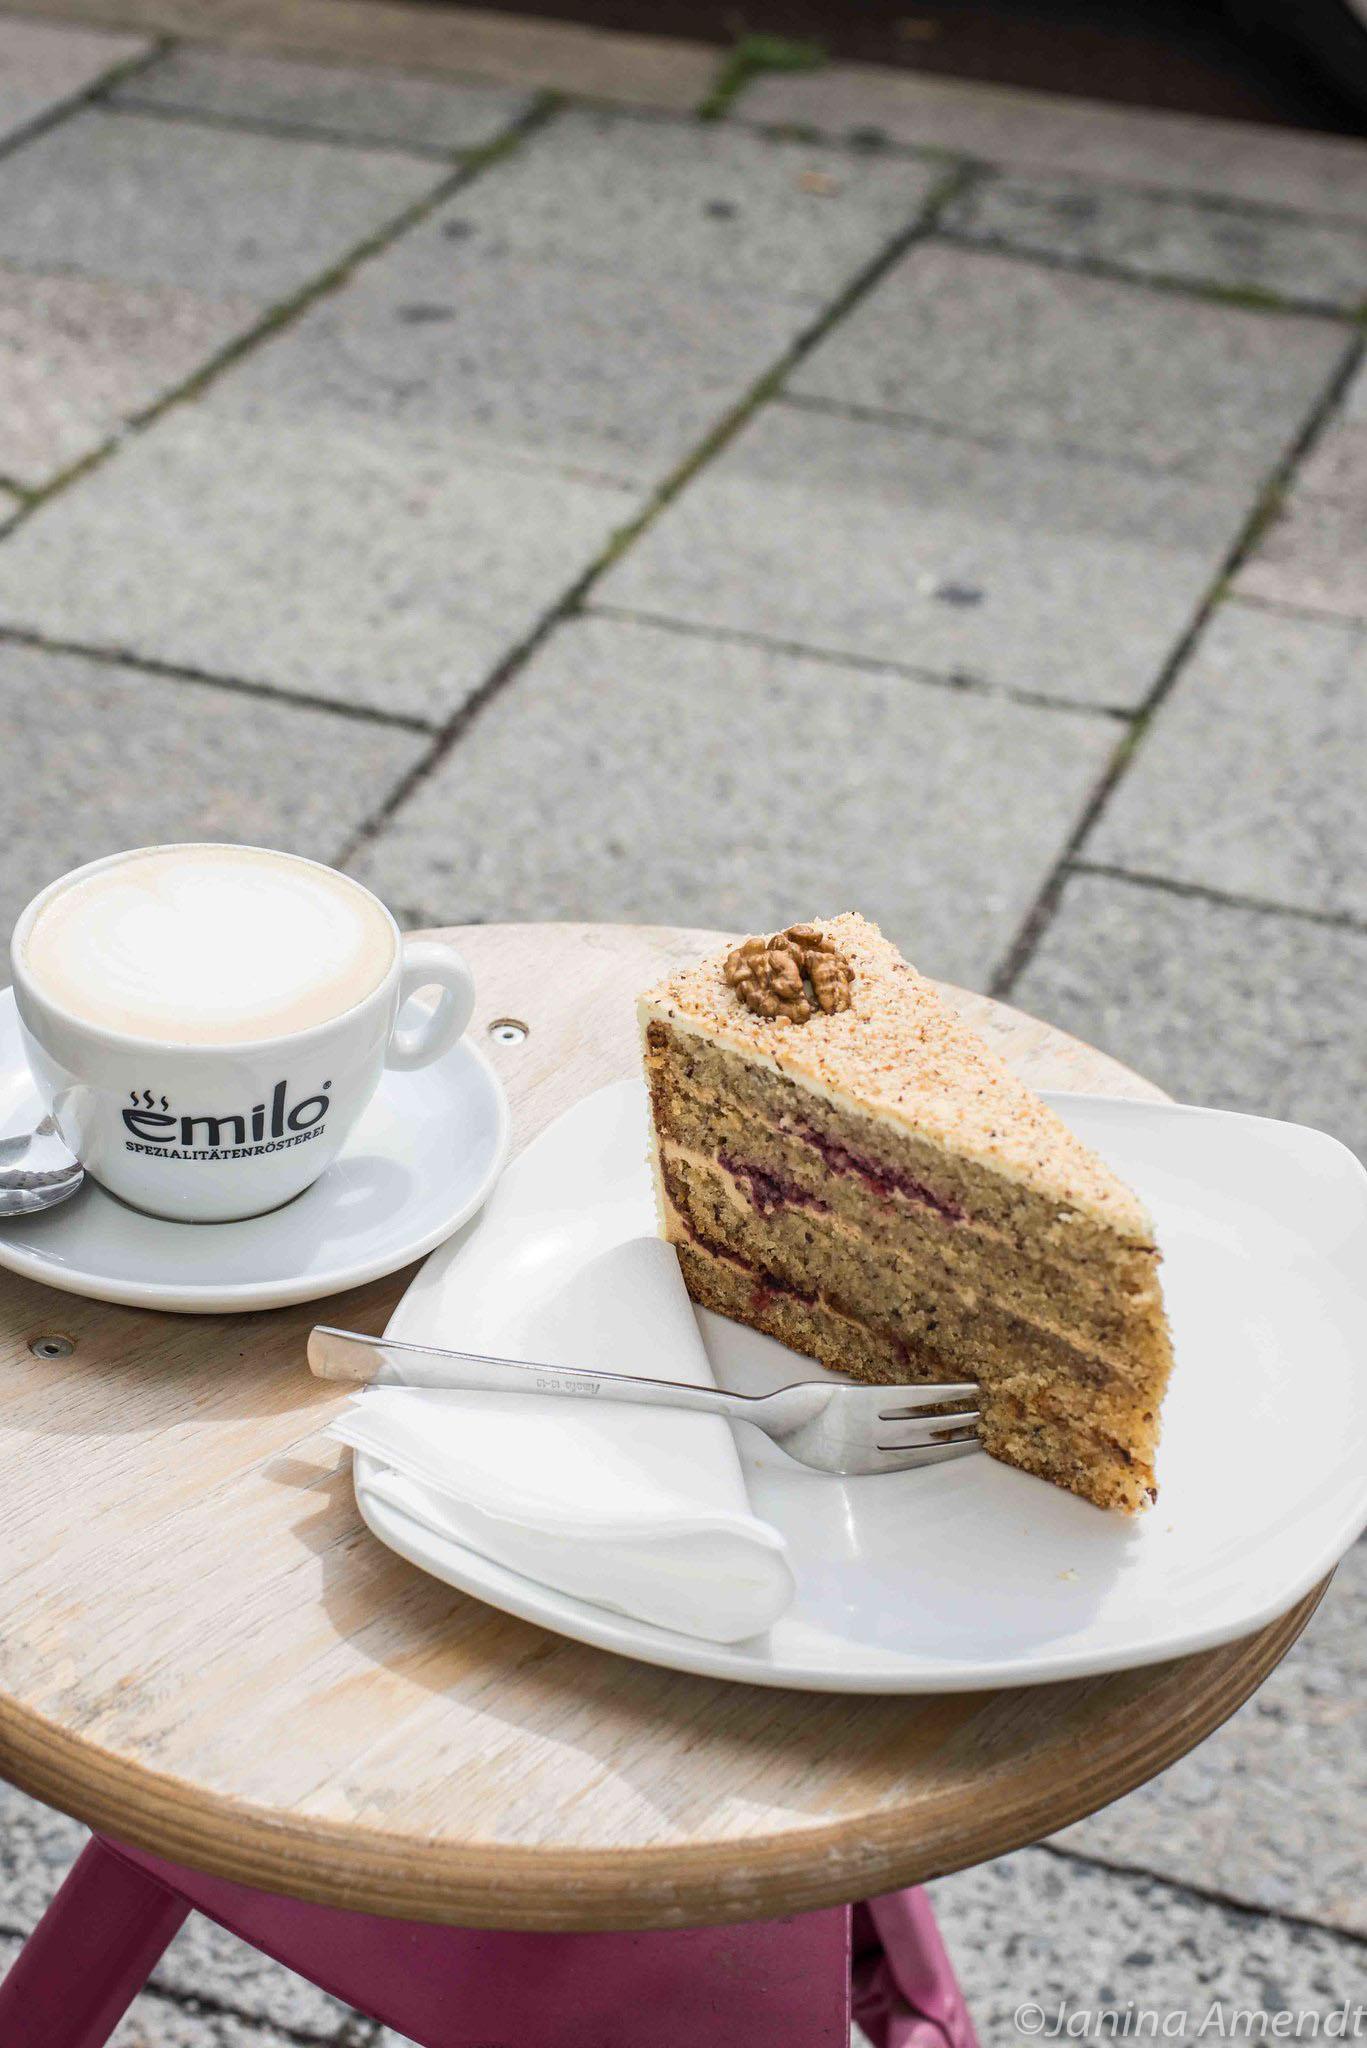 Kuchen und Kaffee aus dem Emilo im Westend